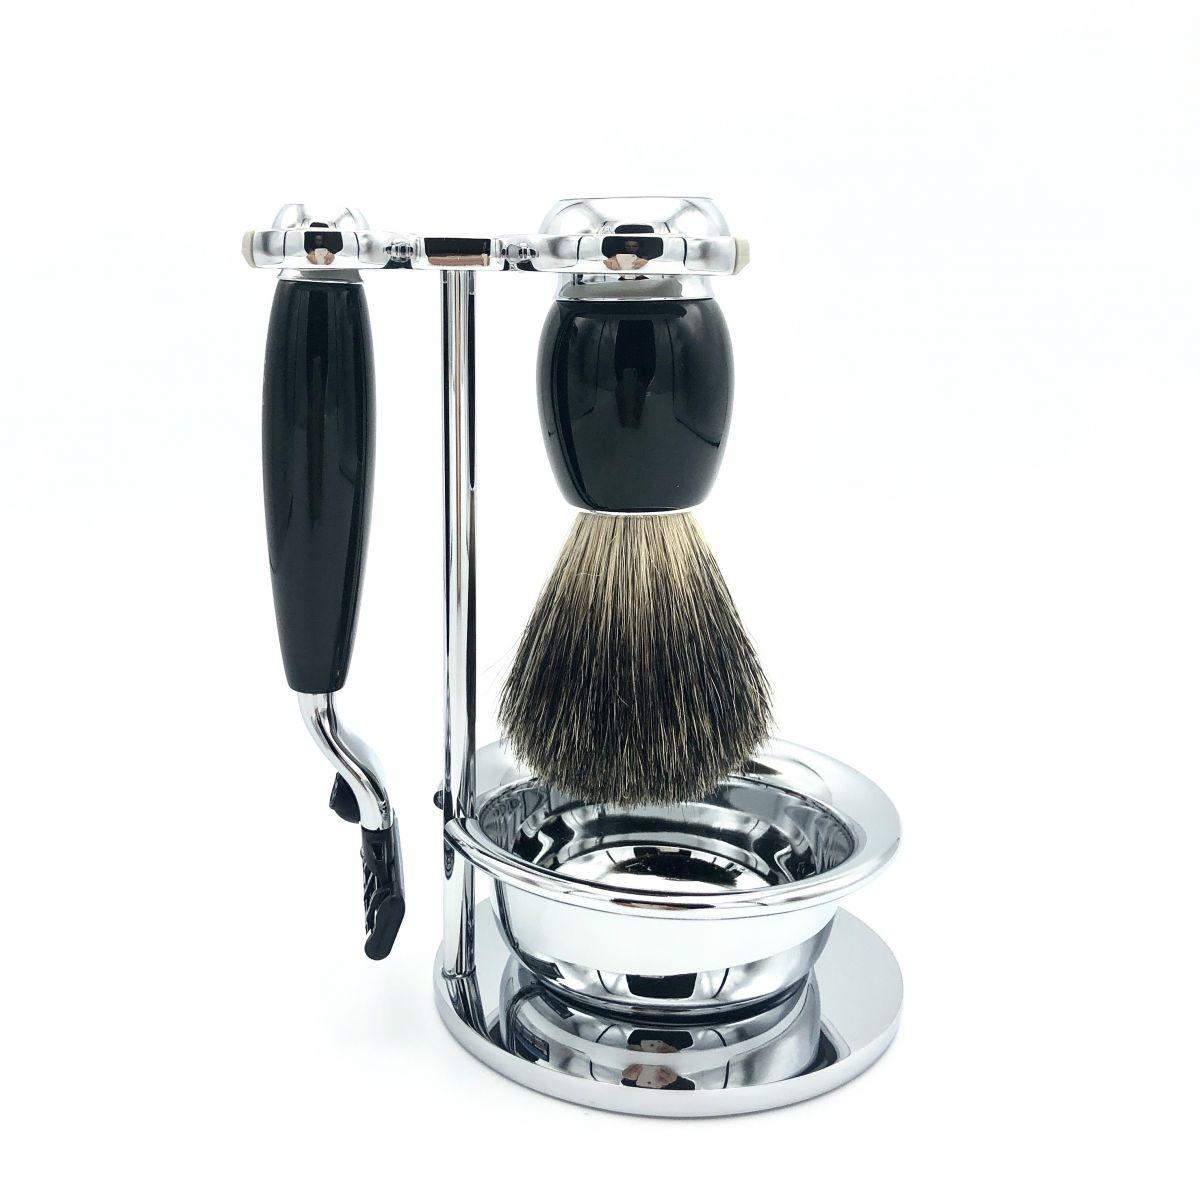 Rasier-Set II von Mühle - schwarz mit Rasierer M3